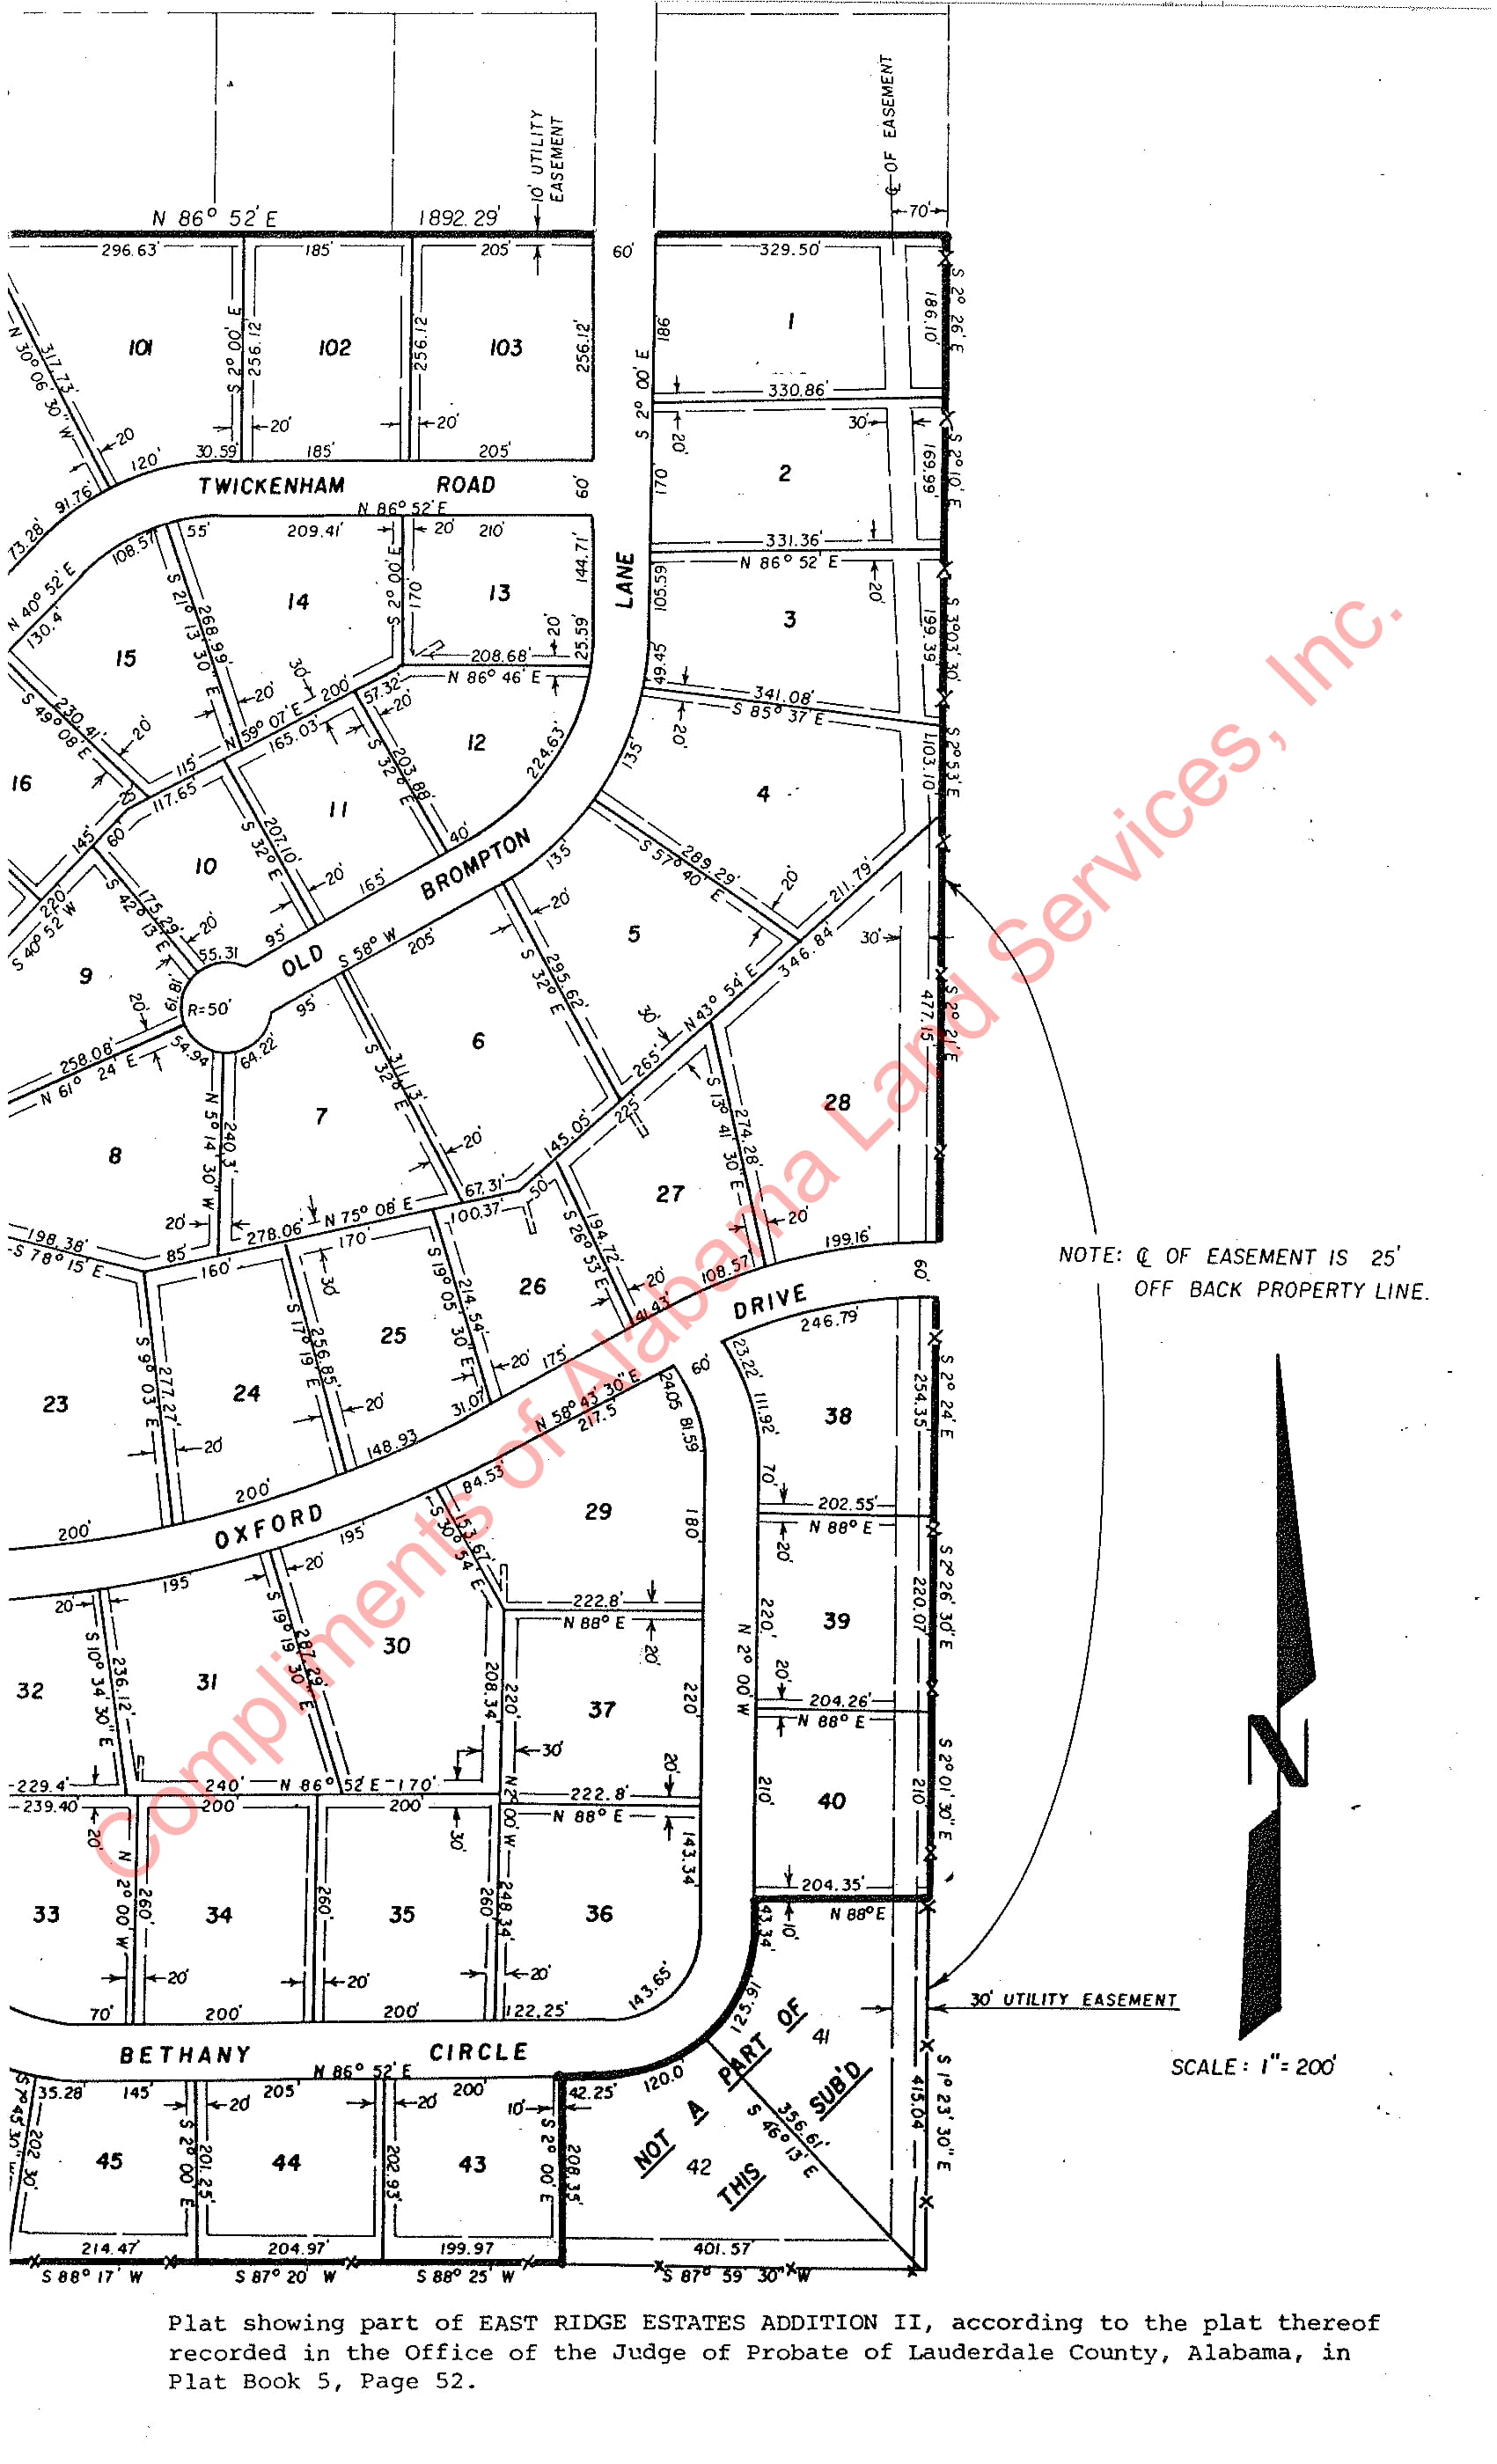 East Ridge Estates Add II plat-2.jpg